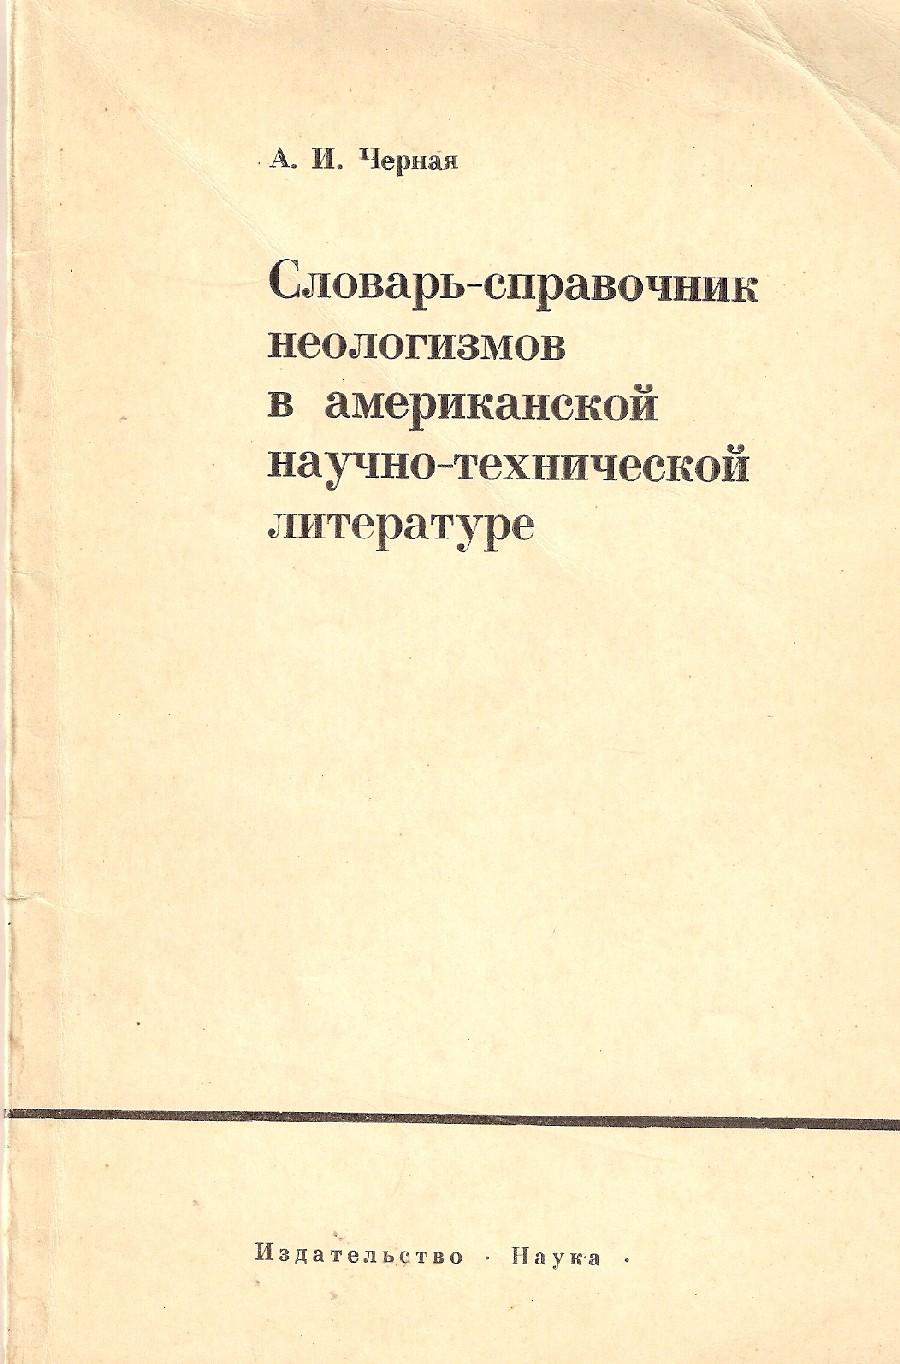 Переводческие ошибки в научно-техническом переводе